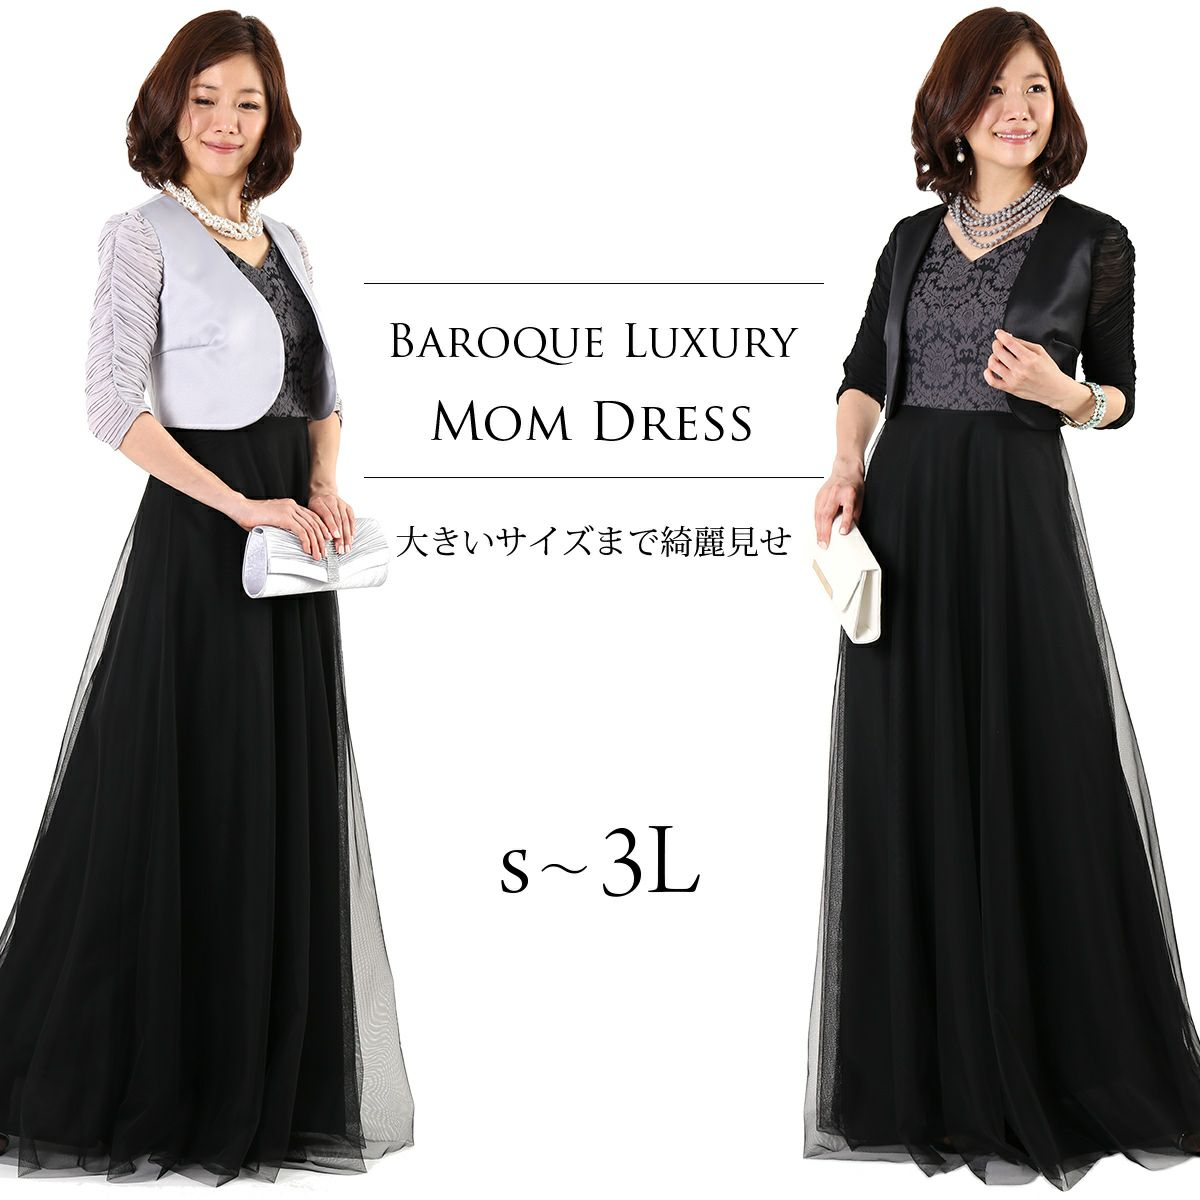 バロック調の模様が女性の気品を引き立てるロングドレス